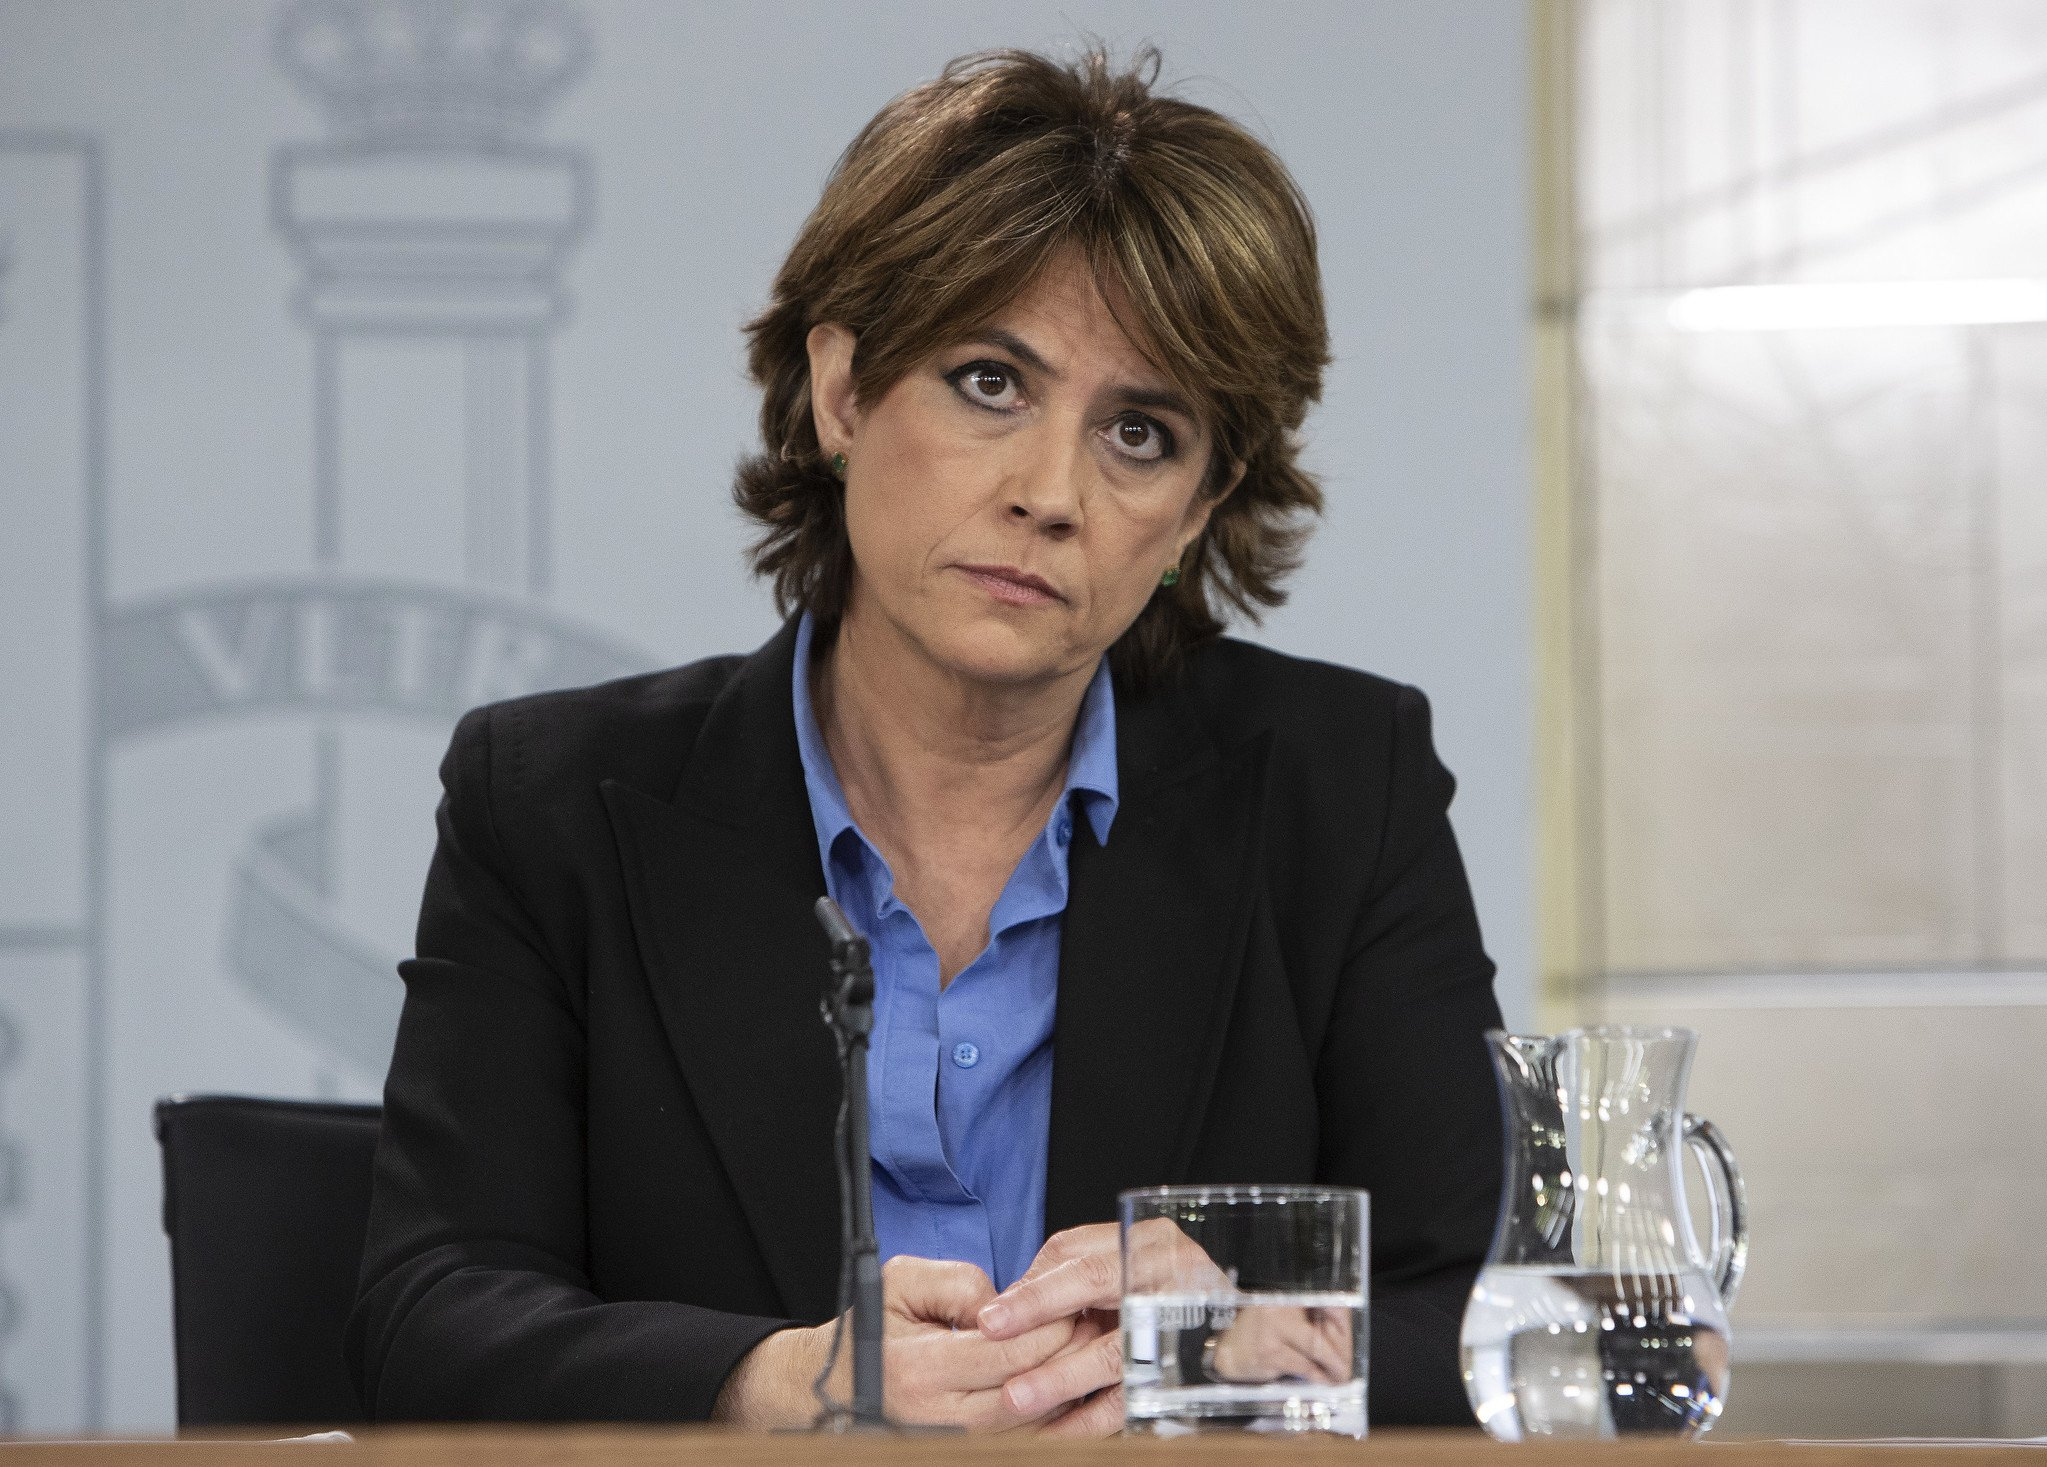 """Dolores Delgado, la ministra que calificó de """"maricón"""" al ministro Marlaska, castigada, un año después"""